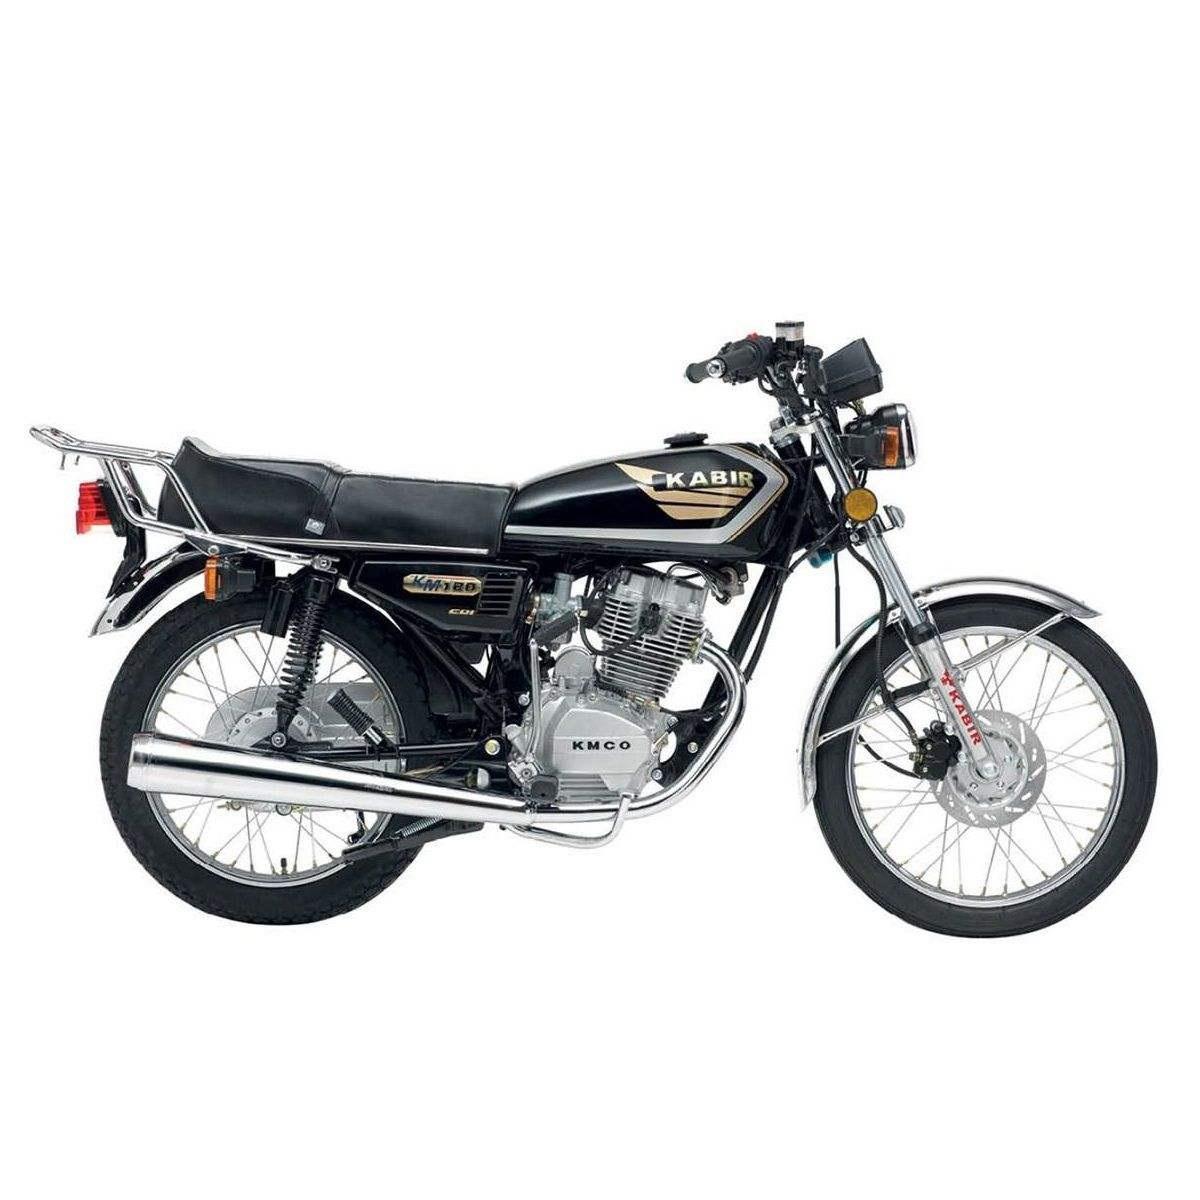 موتورسیکلت کبیر موتور مدل KM 180 سال ۱۳۹۸